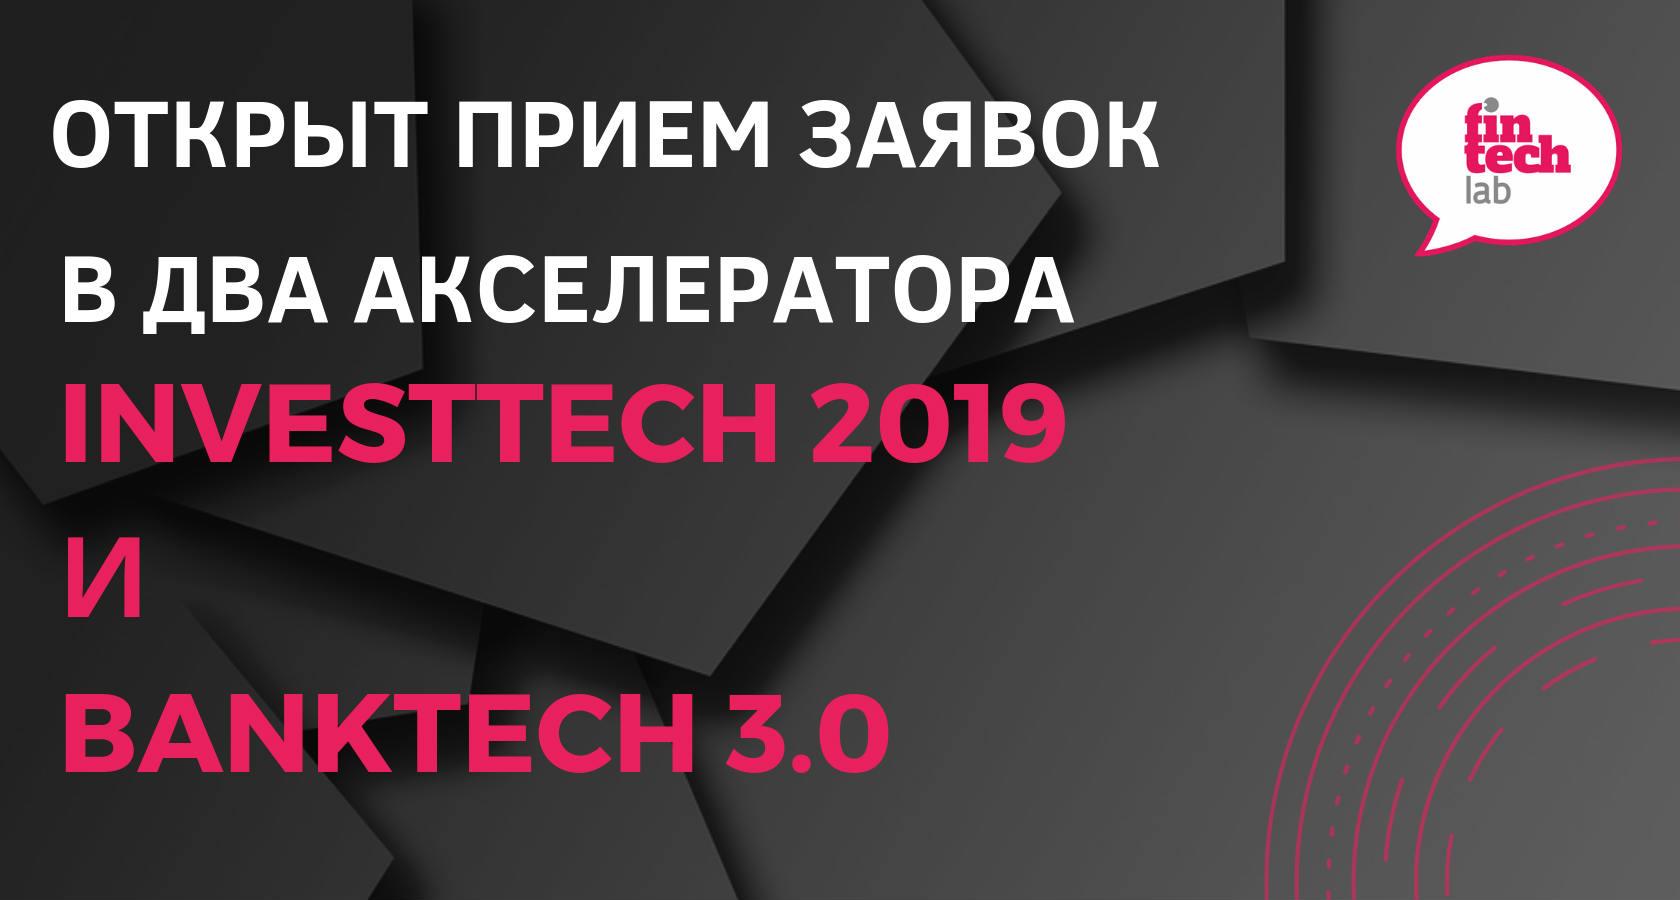 «Финтех Лаб» открыл набор стартапов в акселераторы Investtech 2019 и Banktech 3.0